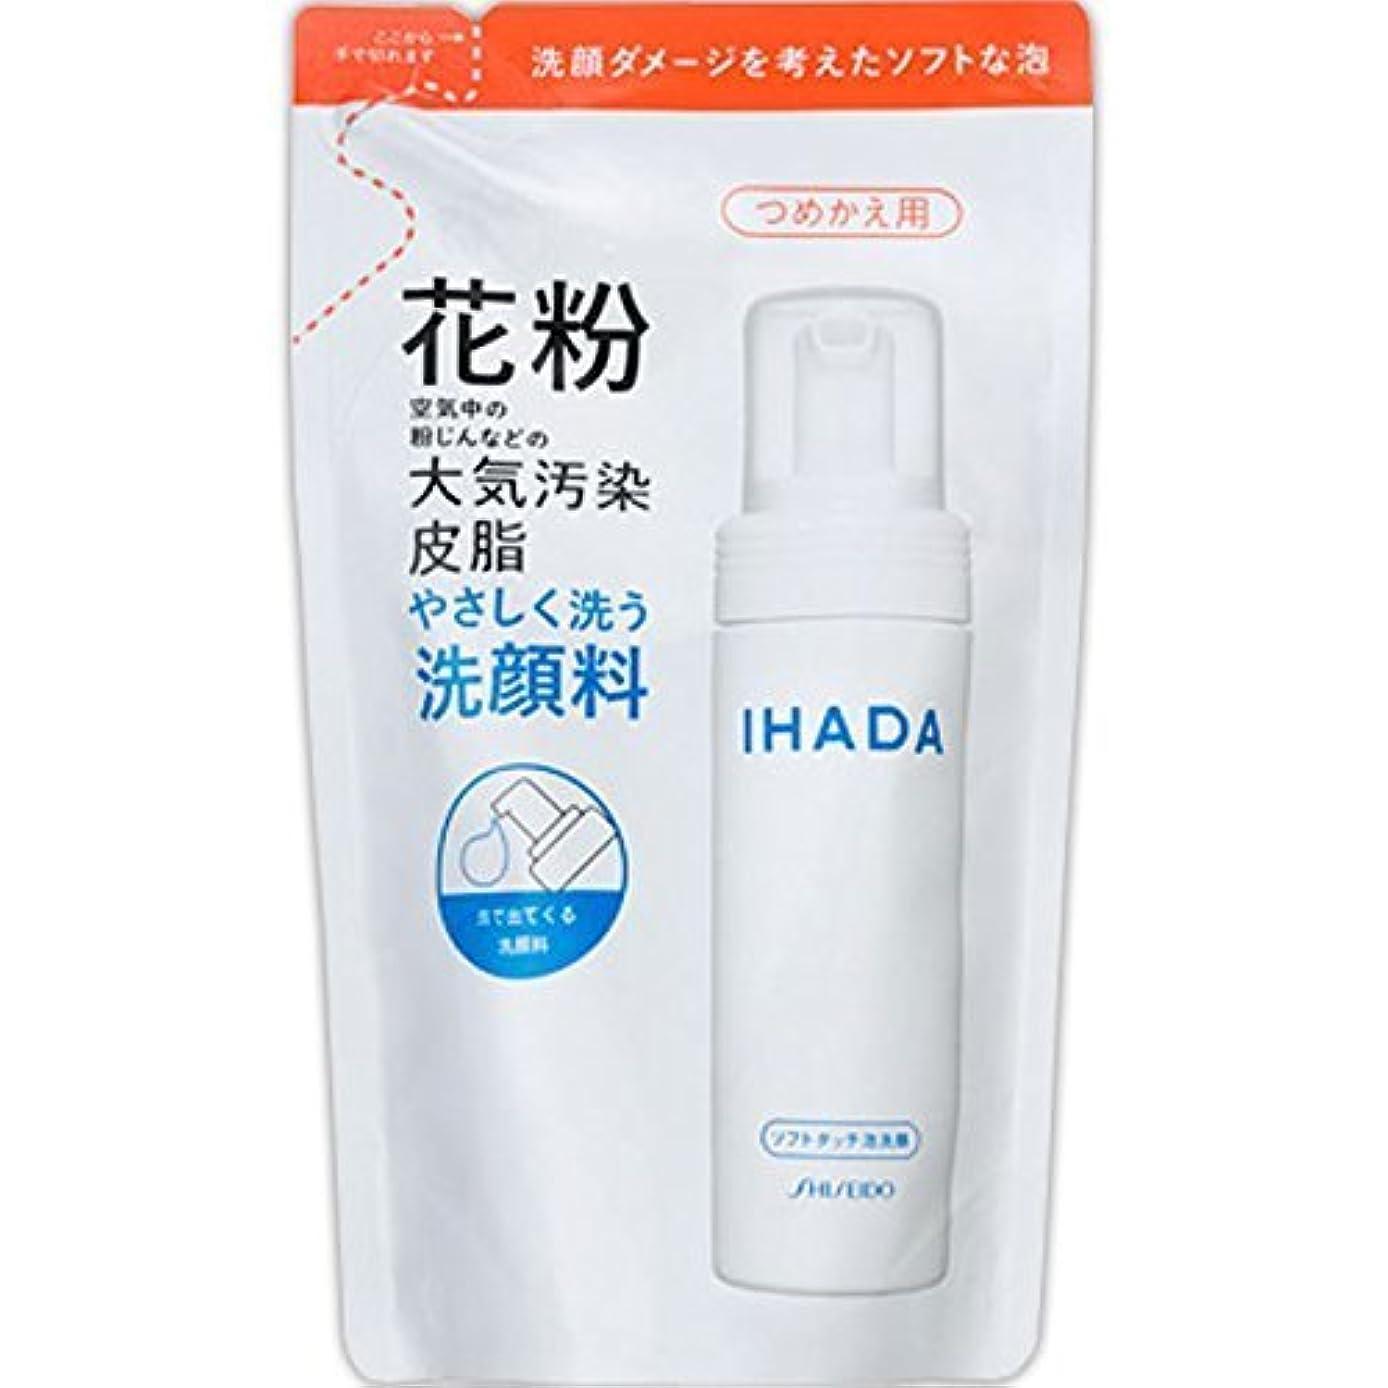 批判するごめんなさい評議会イハダ ソフトタッチ 洗顔料 つめかえ用 100ml